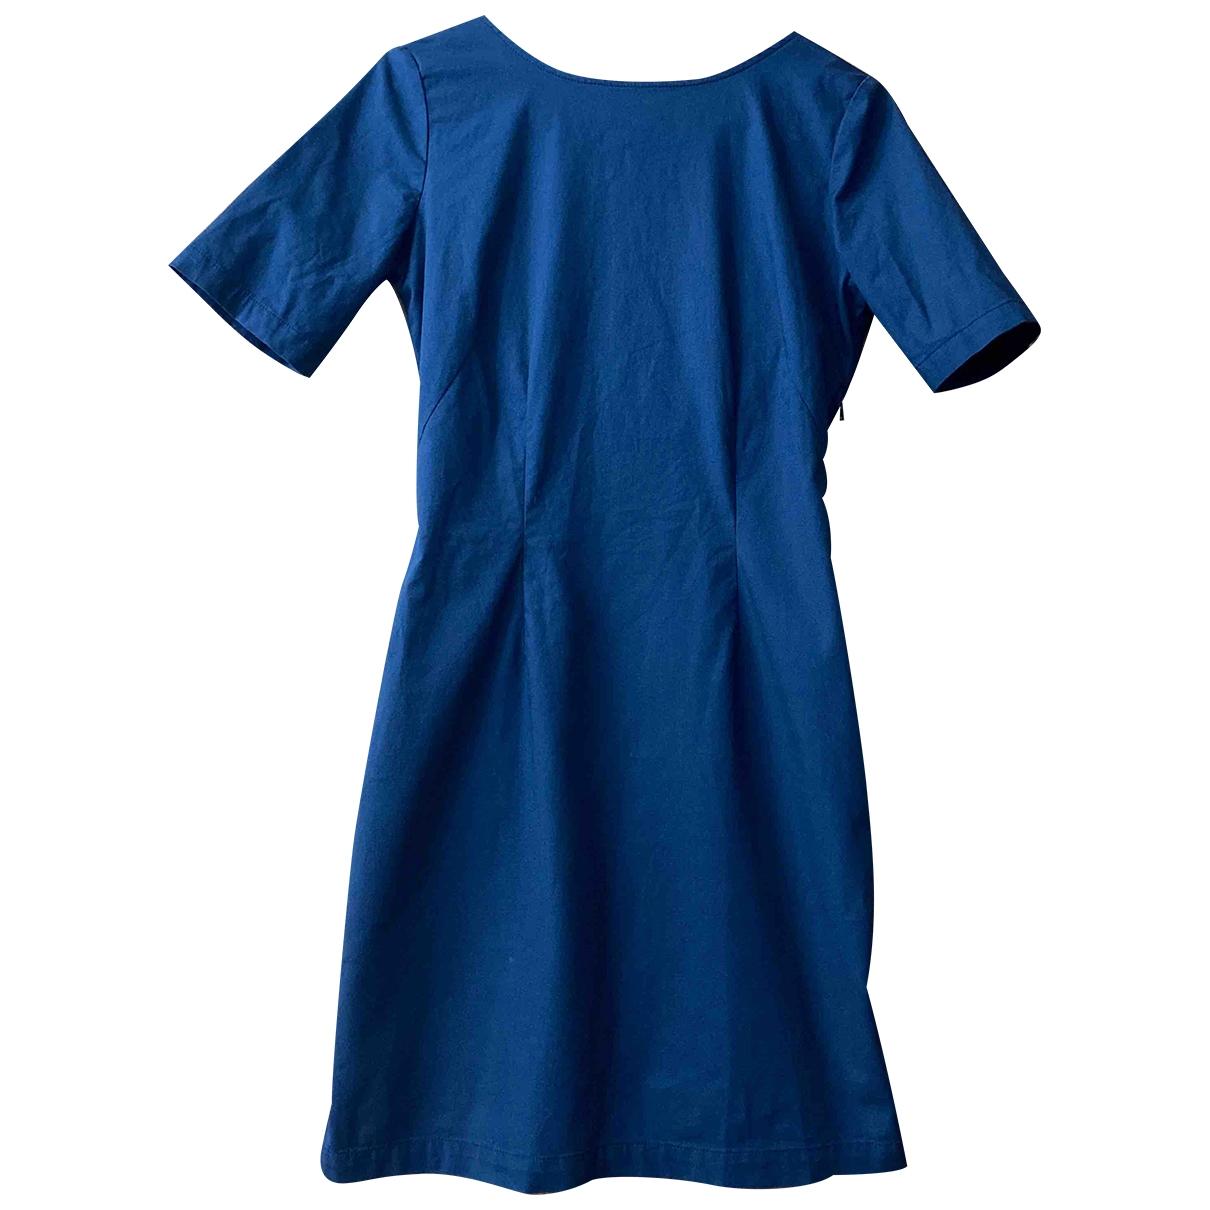 Sessun \N Kleid in  Marine Baumwolle - Elasthan